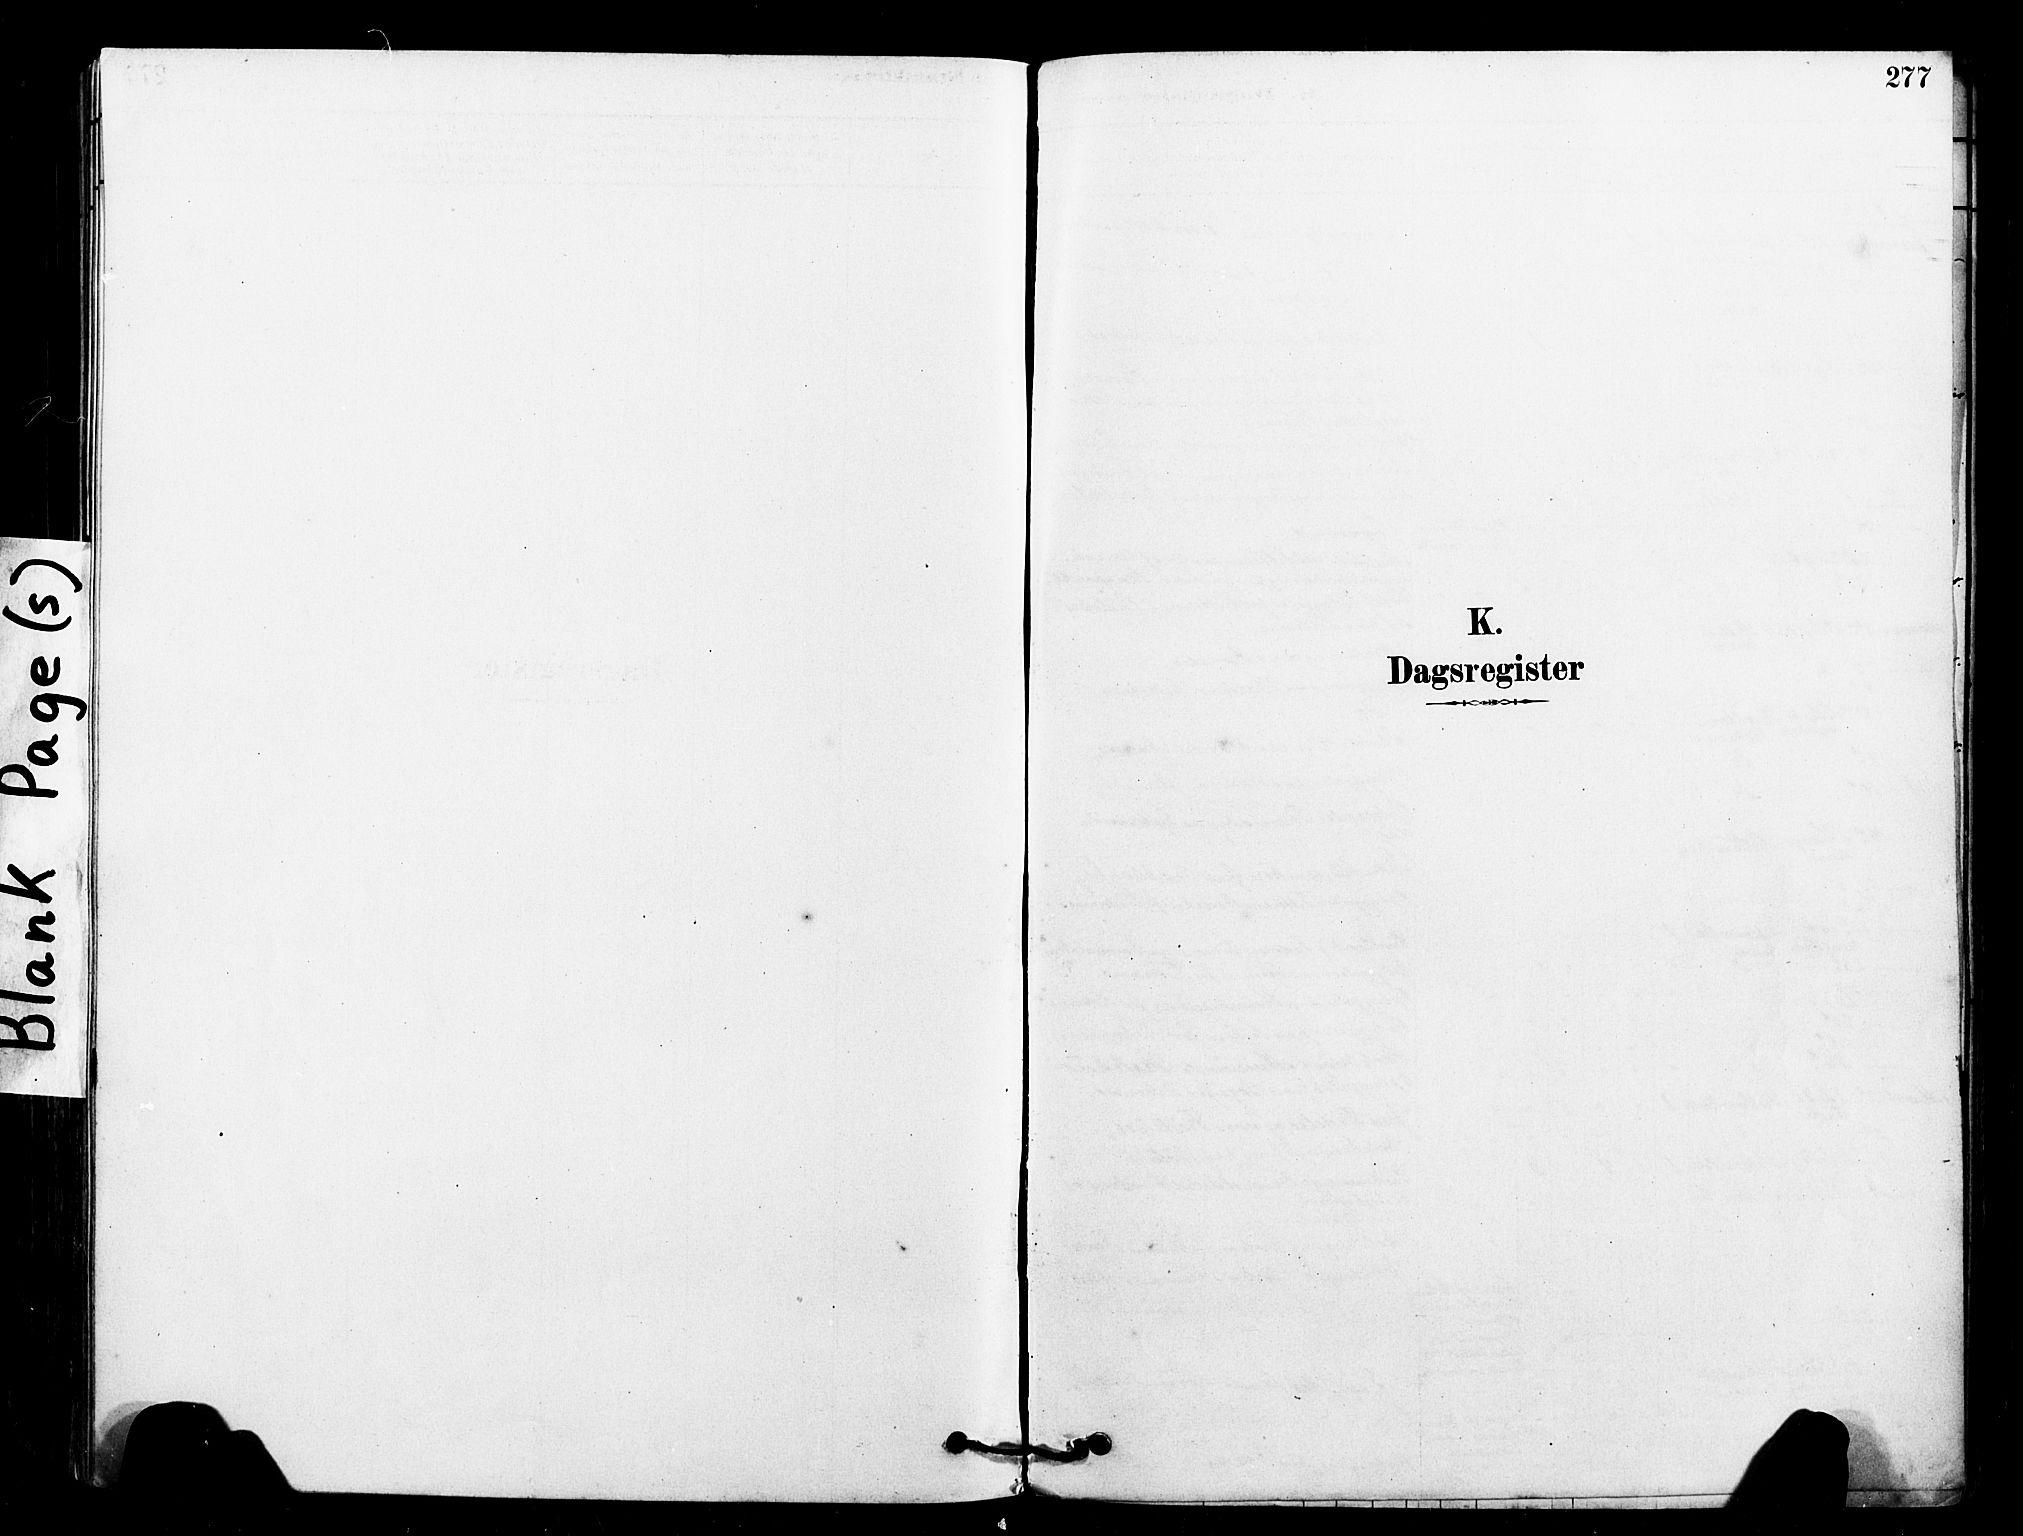 SAT, Ministerialprotokoller, klokkerbøker og fødselsregistre - Sør-Trøndelag, 640/L0578: Ministerialbok nr. 640A03, 1879-1889, s. 277